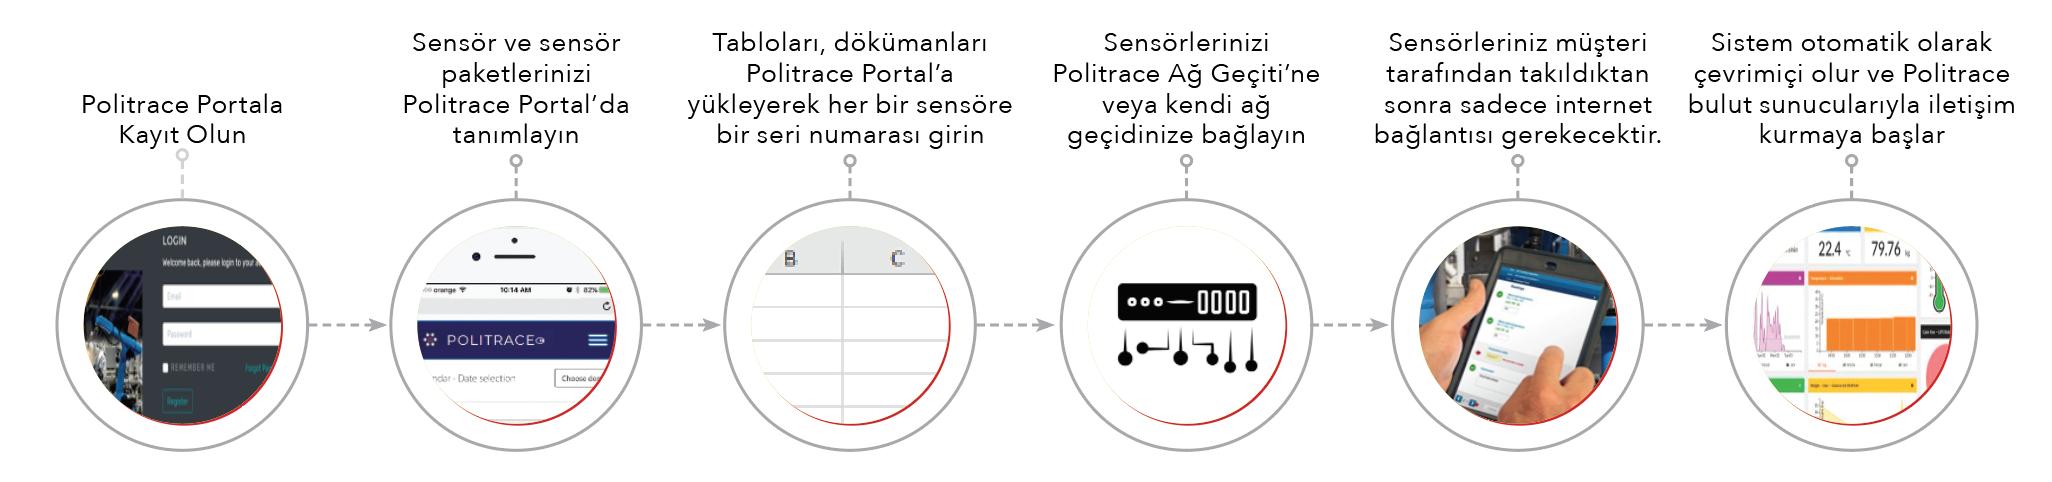 Sensör Üreticileri için Platform